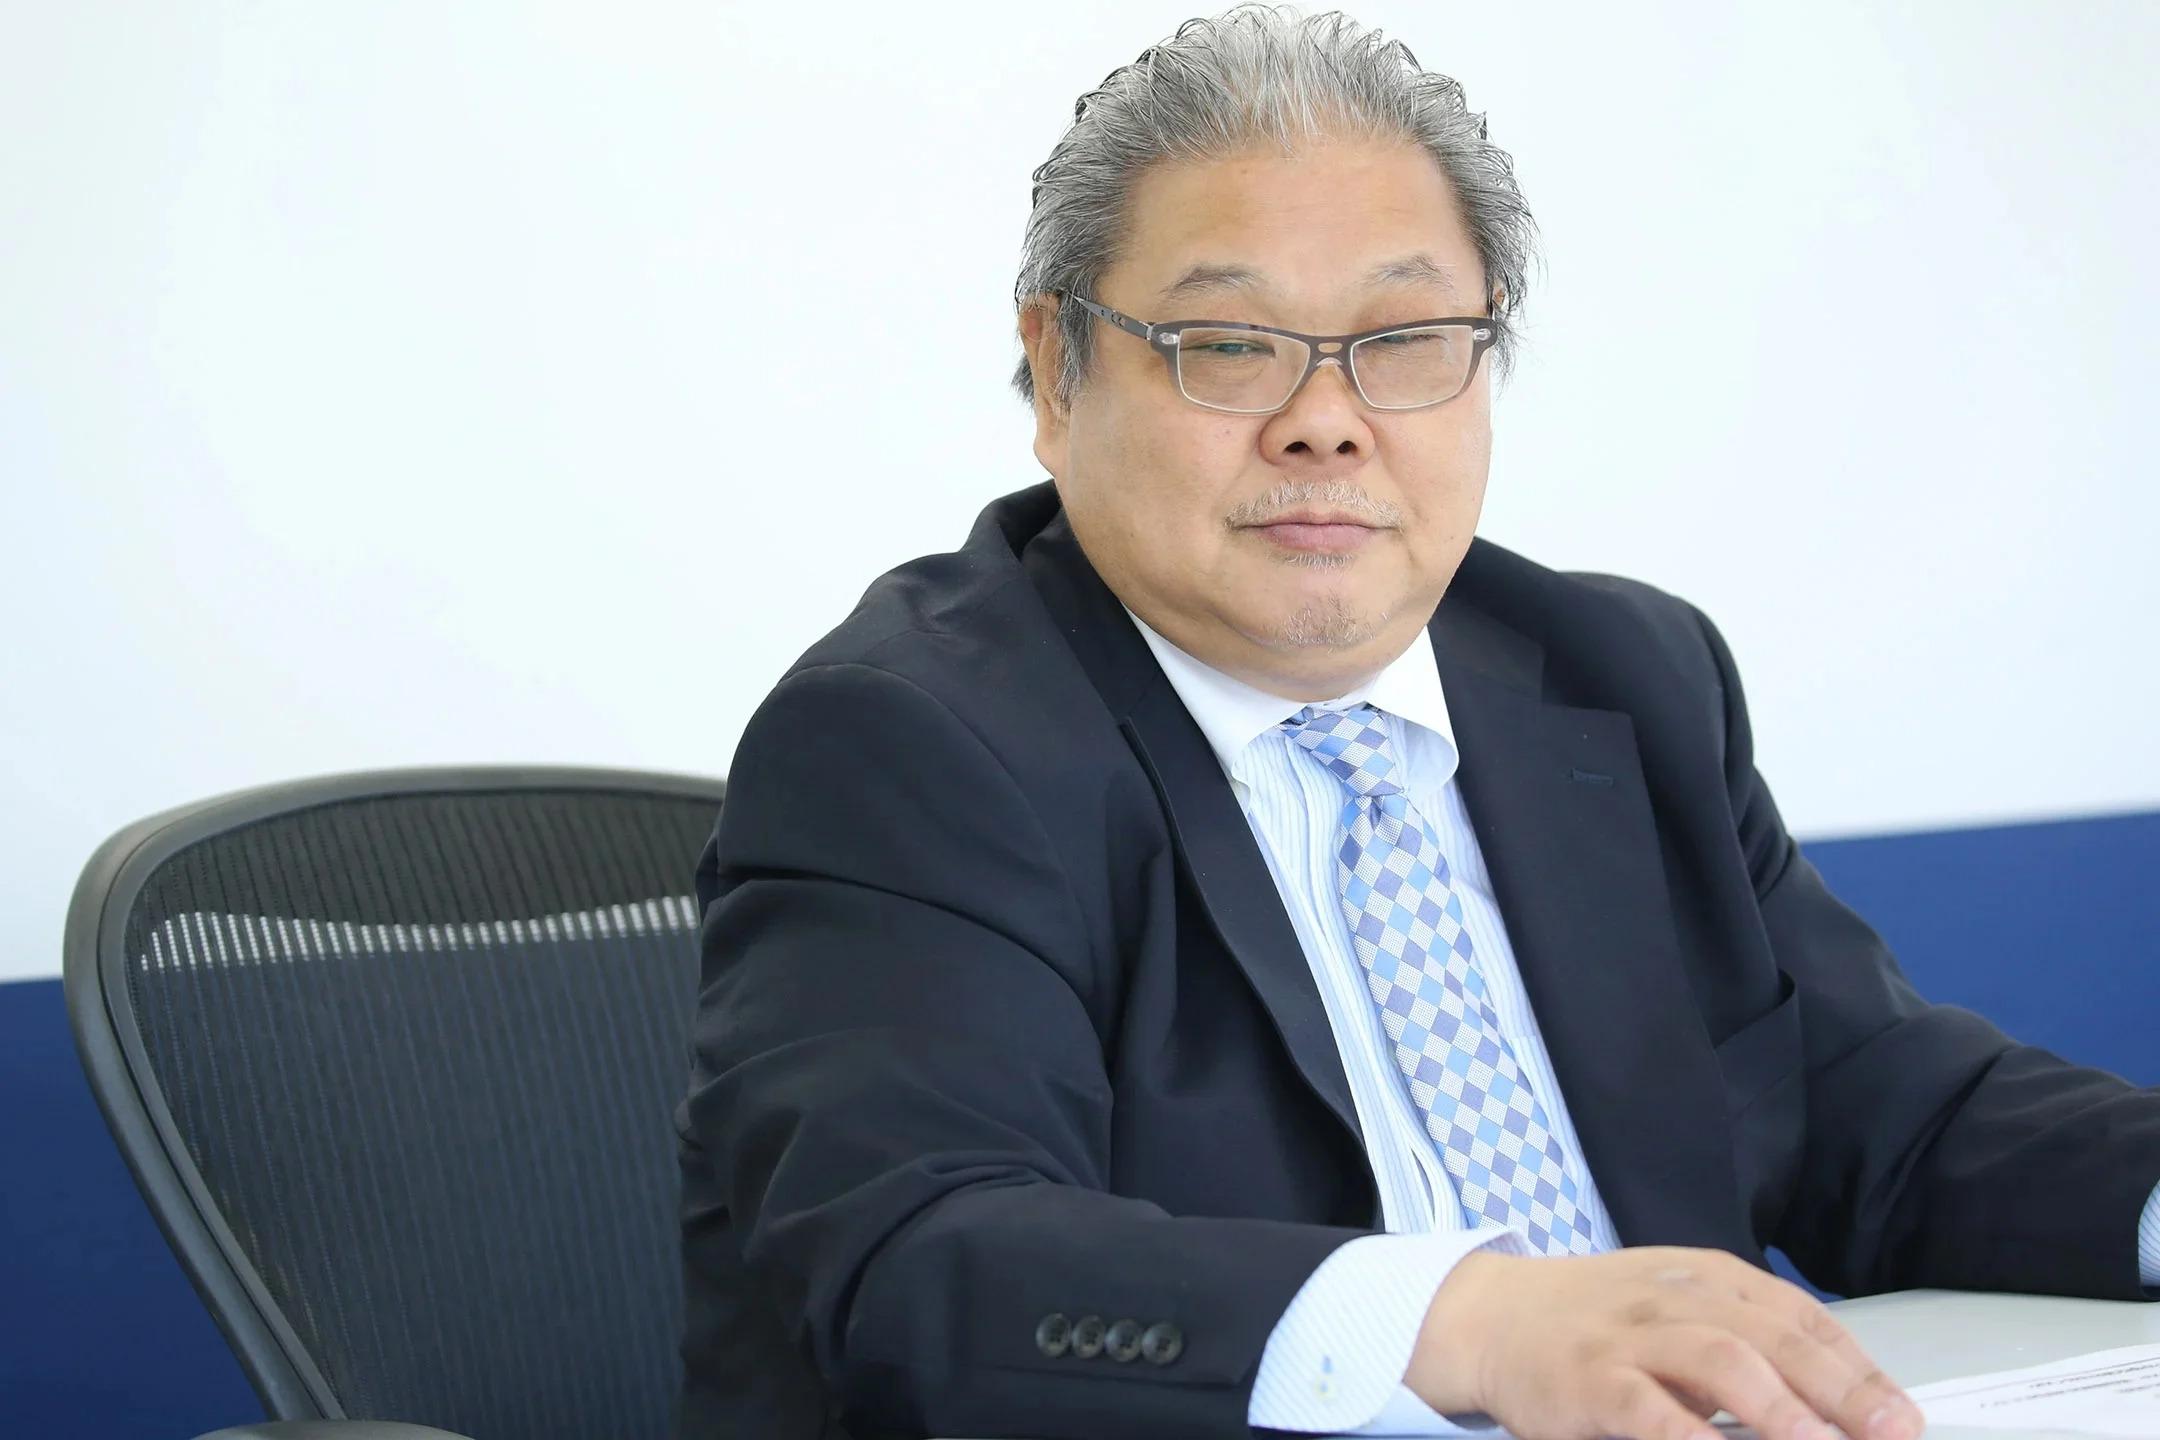 自動車ジャーナリストの池田直渡氏